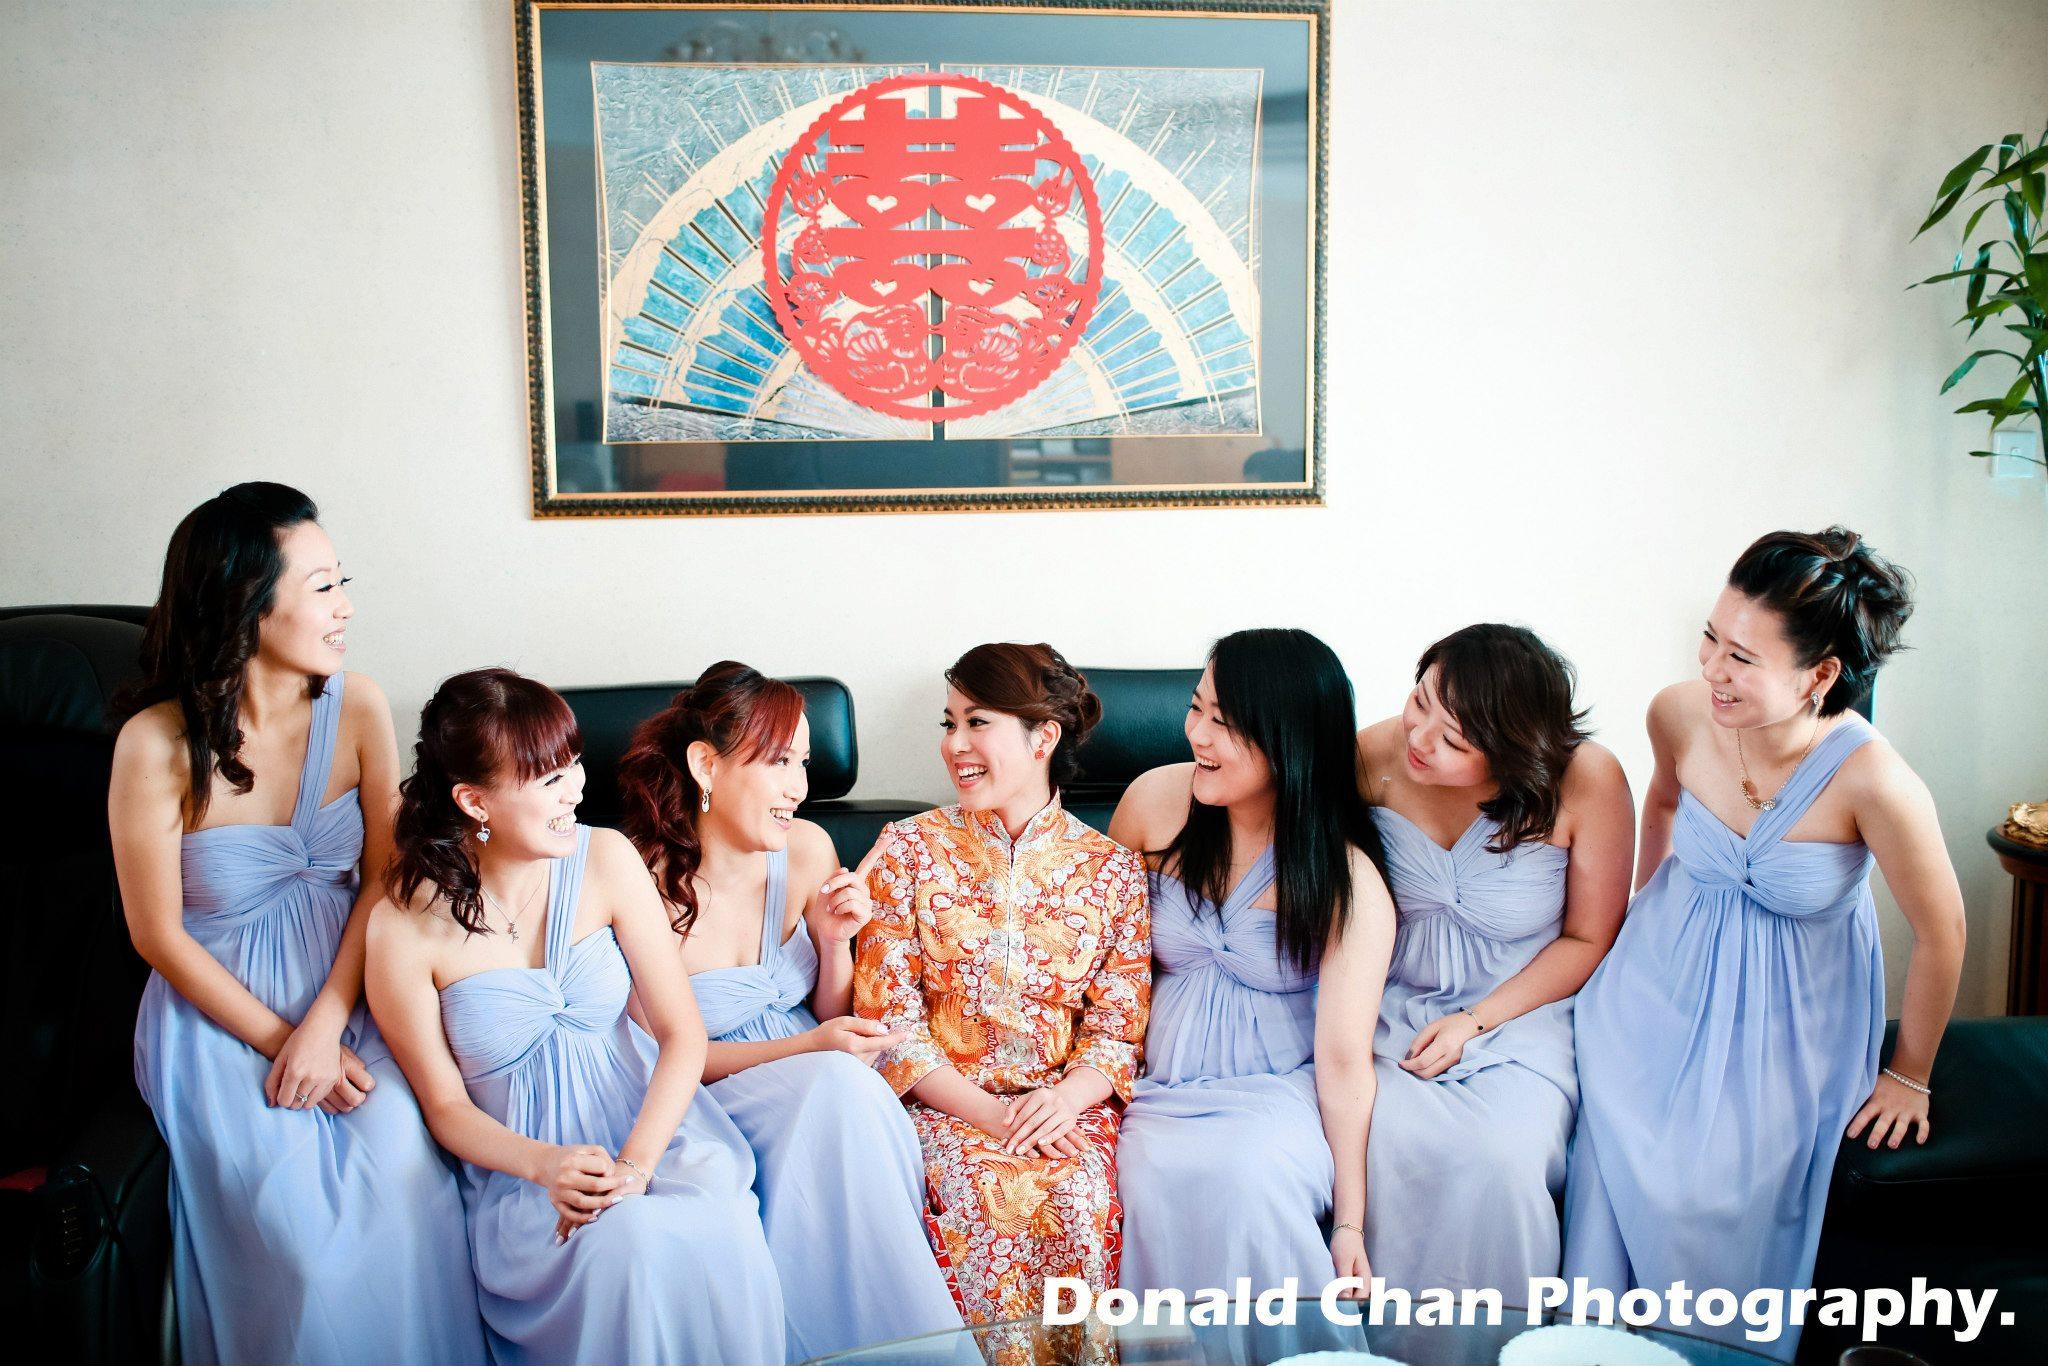 [旺角婚紗攝影]  Donald Chan Photography